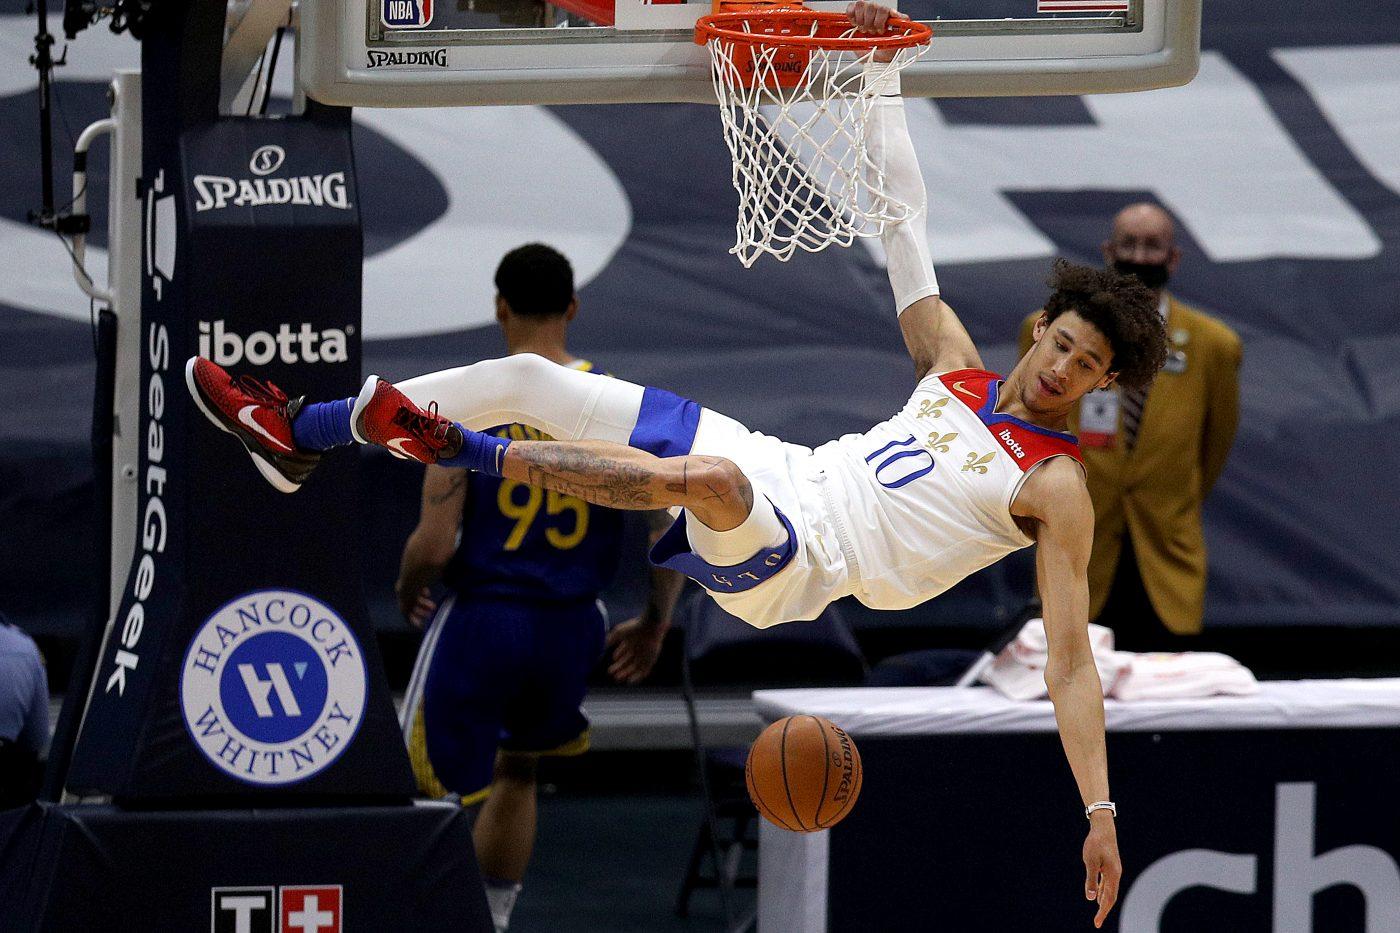 Środkowy New Orleans Pelicans aresztowany